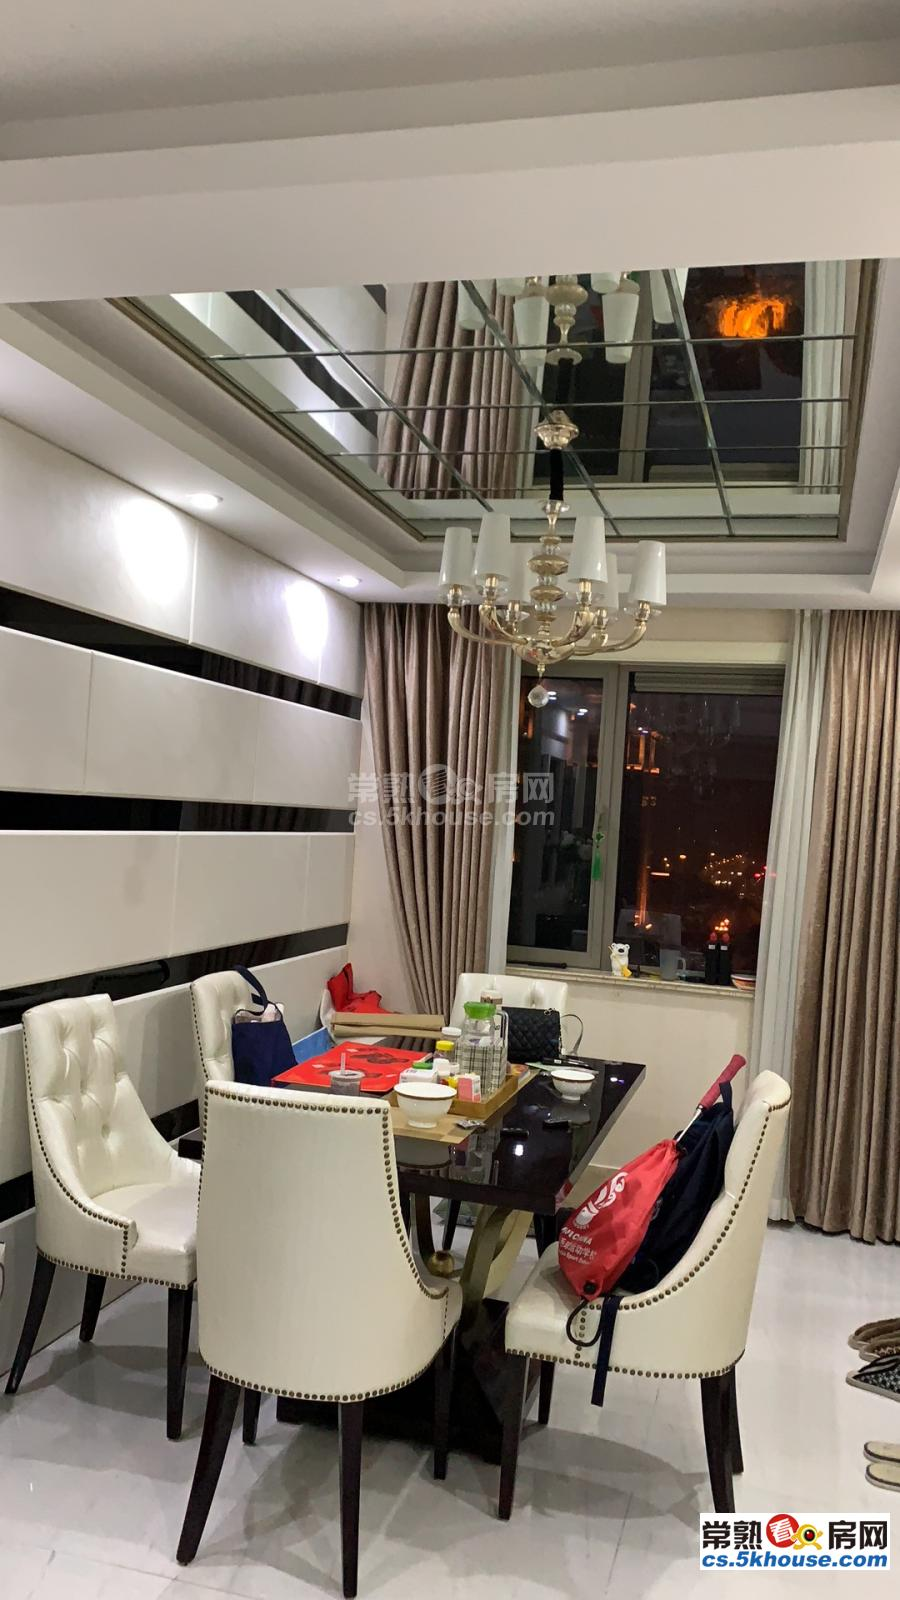 生活方便盛世名门 5000元/月 3室2厅2卫 豪华装修 包物业费